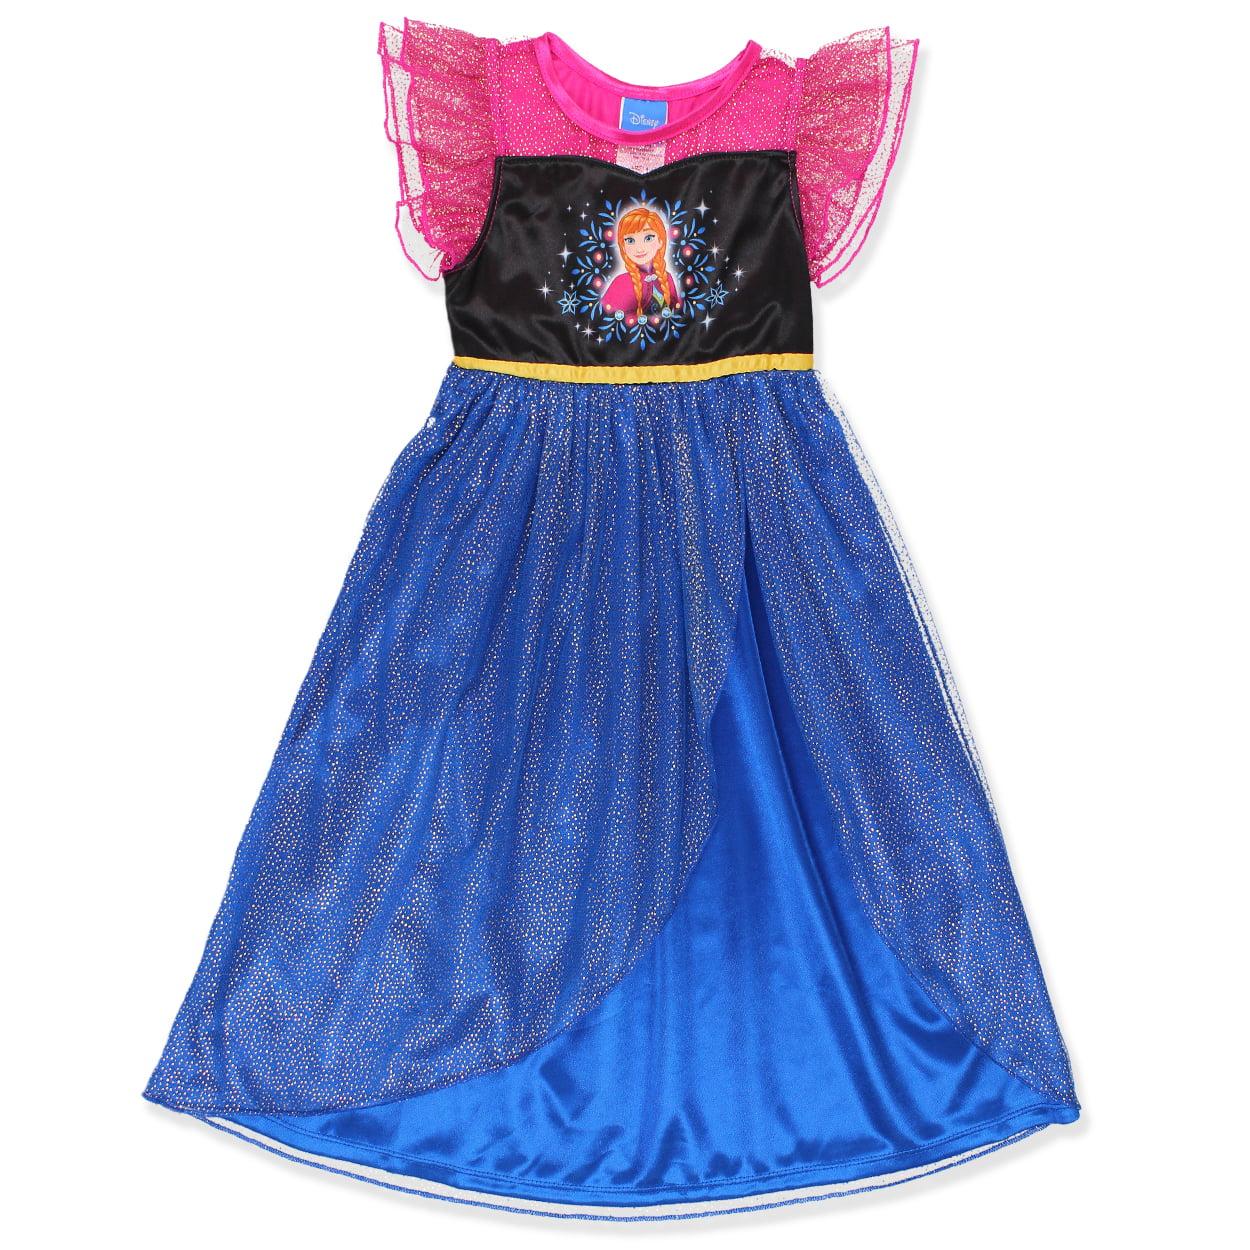 Disney Frozen Princess Anna Girls Fantasy Gown Nightgown 21FZ733GGS